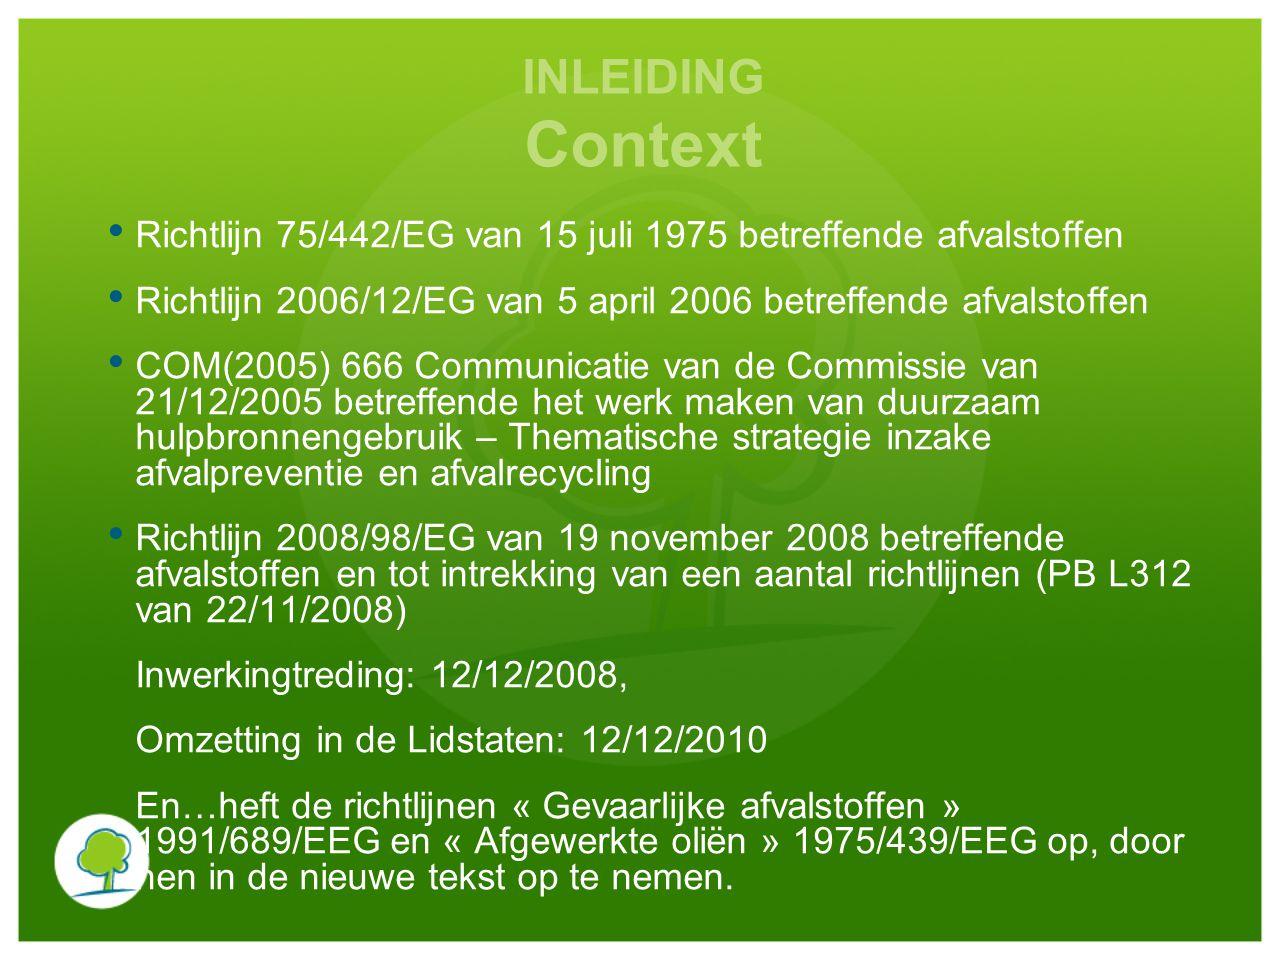 INLEIDING Context Richtlijn 75/442/EG van 15 juli 1975 betreffende afvalstoffen Richtlijn 2006/12/EG van 5 april 2006 betreffende afvalstoffen COM(2005) 666 Communicatie van de Commissie van 21/12/2005 betreffende het werk maken van duurzaam hulpbronnengebruik – Thematische strategie inzake afvalpreventie en afvalrecycling Richtlijn 2008/98/EG van 19 november 2008 betreffende afvalstoffen en tot intrekking van een aantal richtlijnen (PB L312 van 22/11/2008) Inwerkingtreding: 12/12/2008, Omzetting in de Lidstaten: 12/12/2010 En…heft de richtlijnen « Gevaarlijke afvalstoffen » 1991/689/EEG en « Afgewerkte oliën » 1975/439/EEG op, door hen in de nieuwe tekst op te nemen.